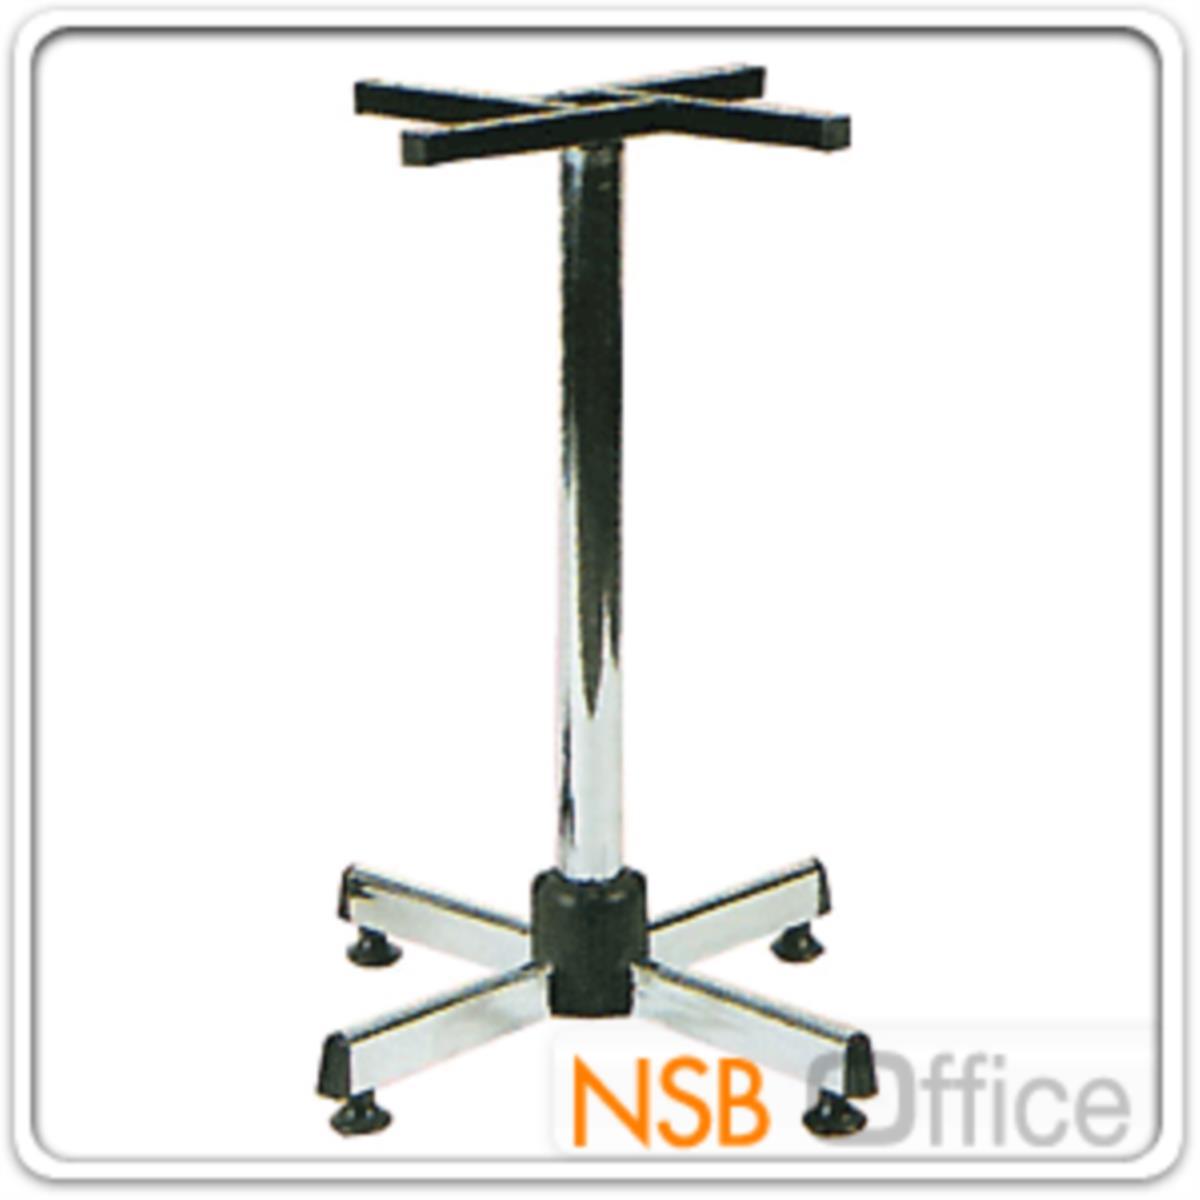 ขาโต๊ะบาร์ รุ่น Soucie (ซูซี่) ขนาด 70H cm.  ขา 4 แฉกโครเมี่ยม